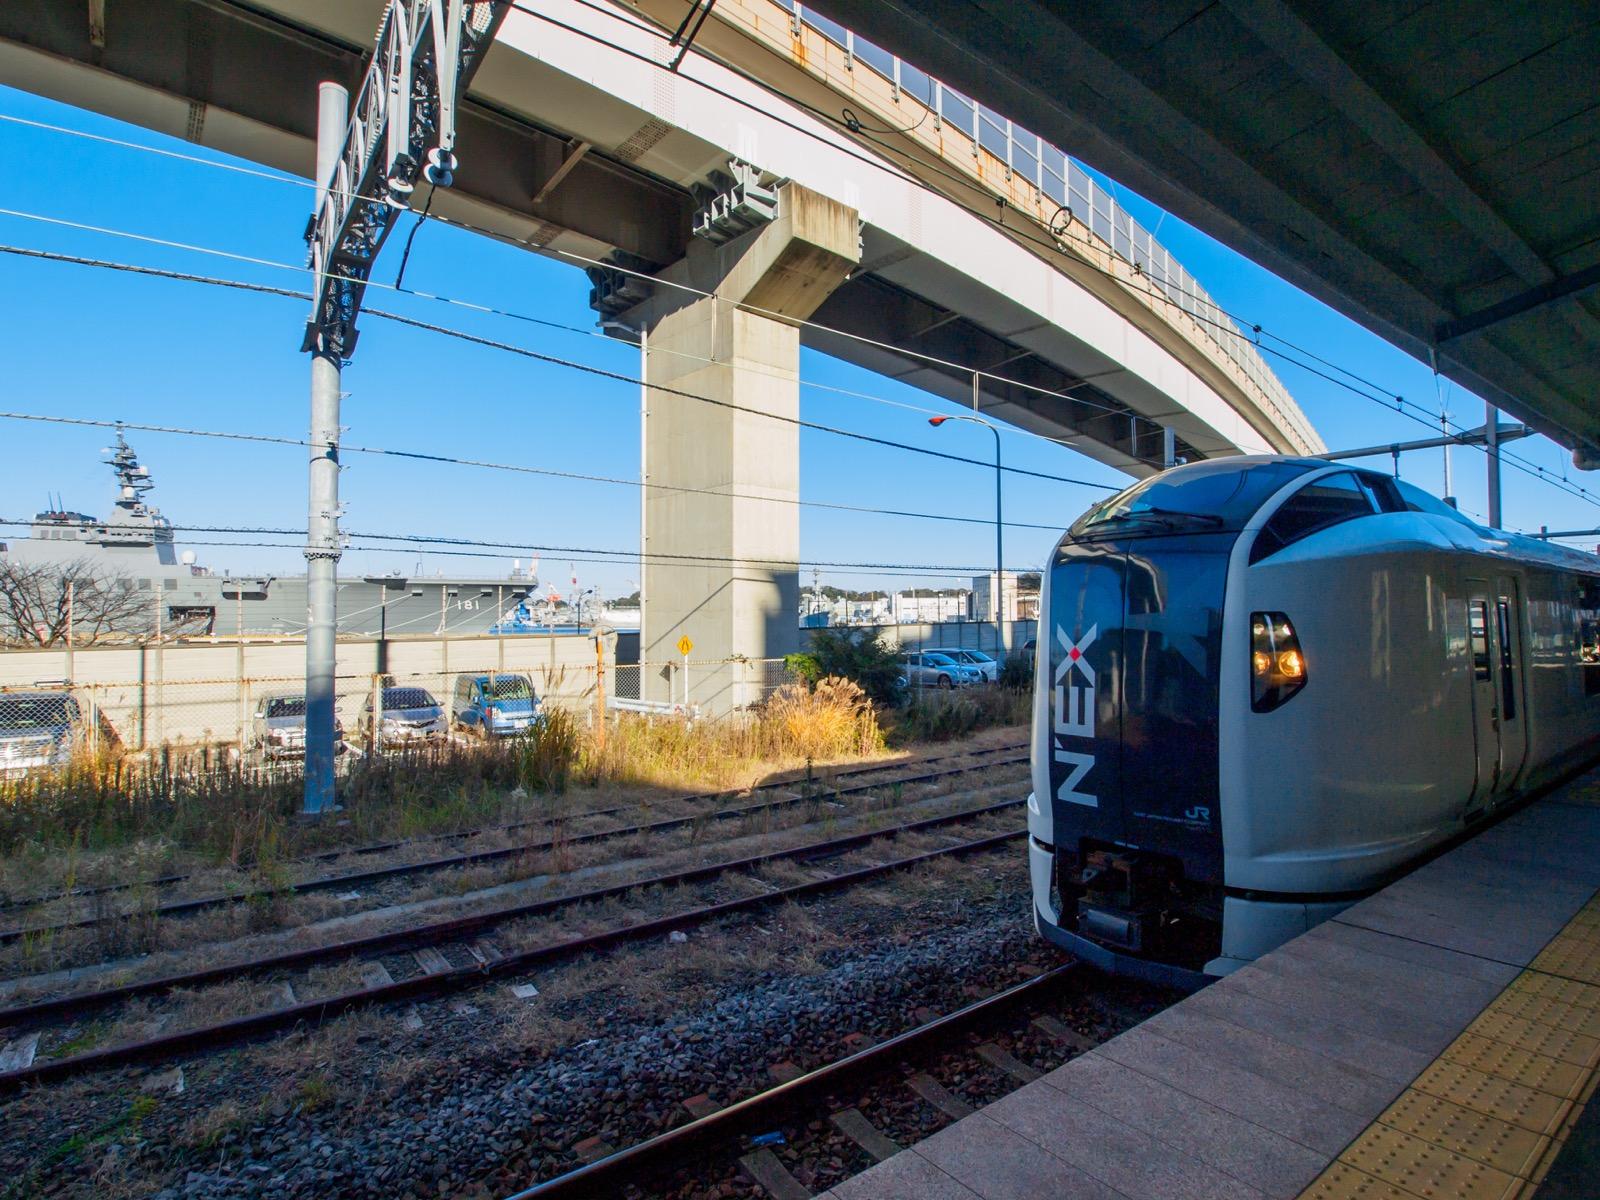 横須賀駅に停車する成田エクスプレス(2015年1月)